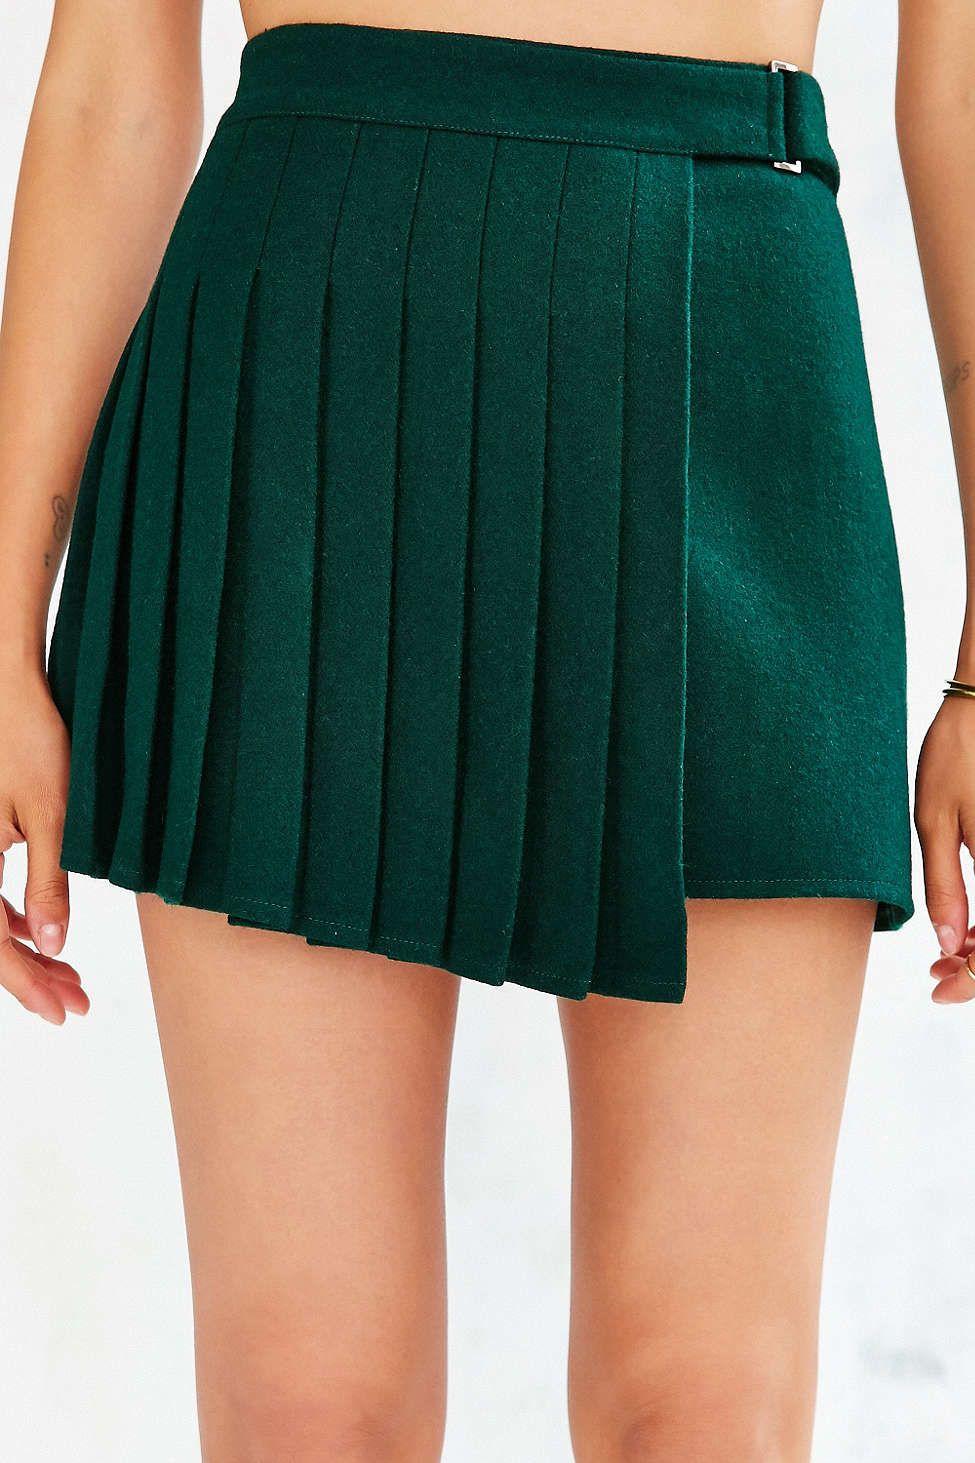 d92a9bbe60 J.O.A. Overlap Pleated Skirt | Wear | Fashion, Skirt fashion, Dresses